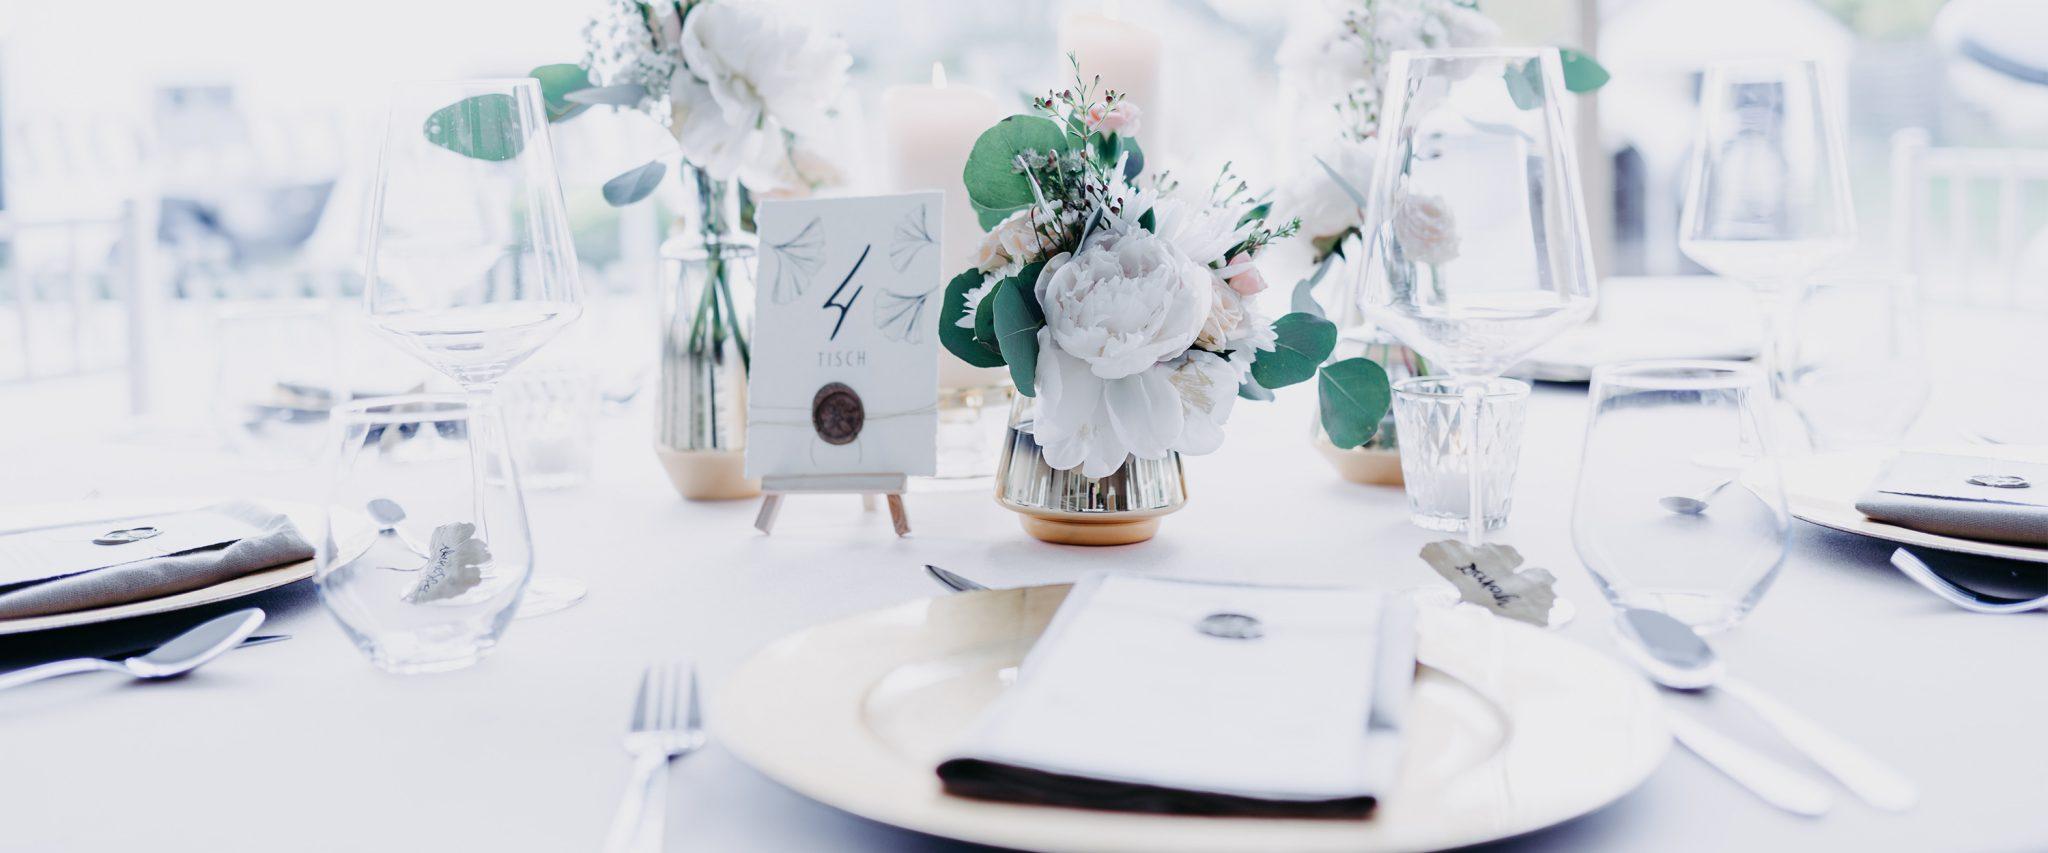 wedding-hochzeit-fine-art-papeterie-Jasmin-Tischnummer-gold-siegel-tisch-konzept-dekoration